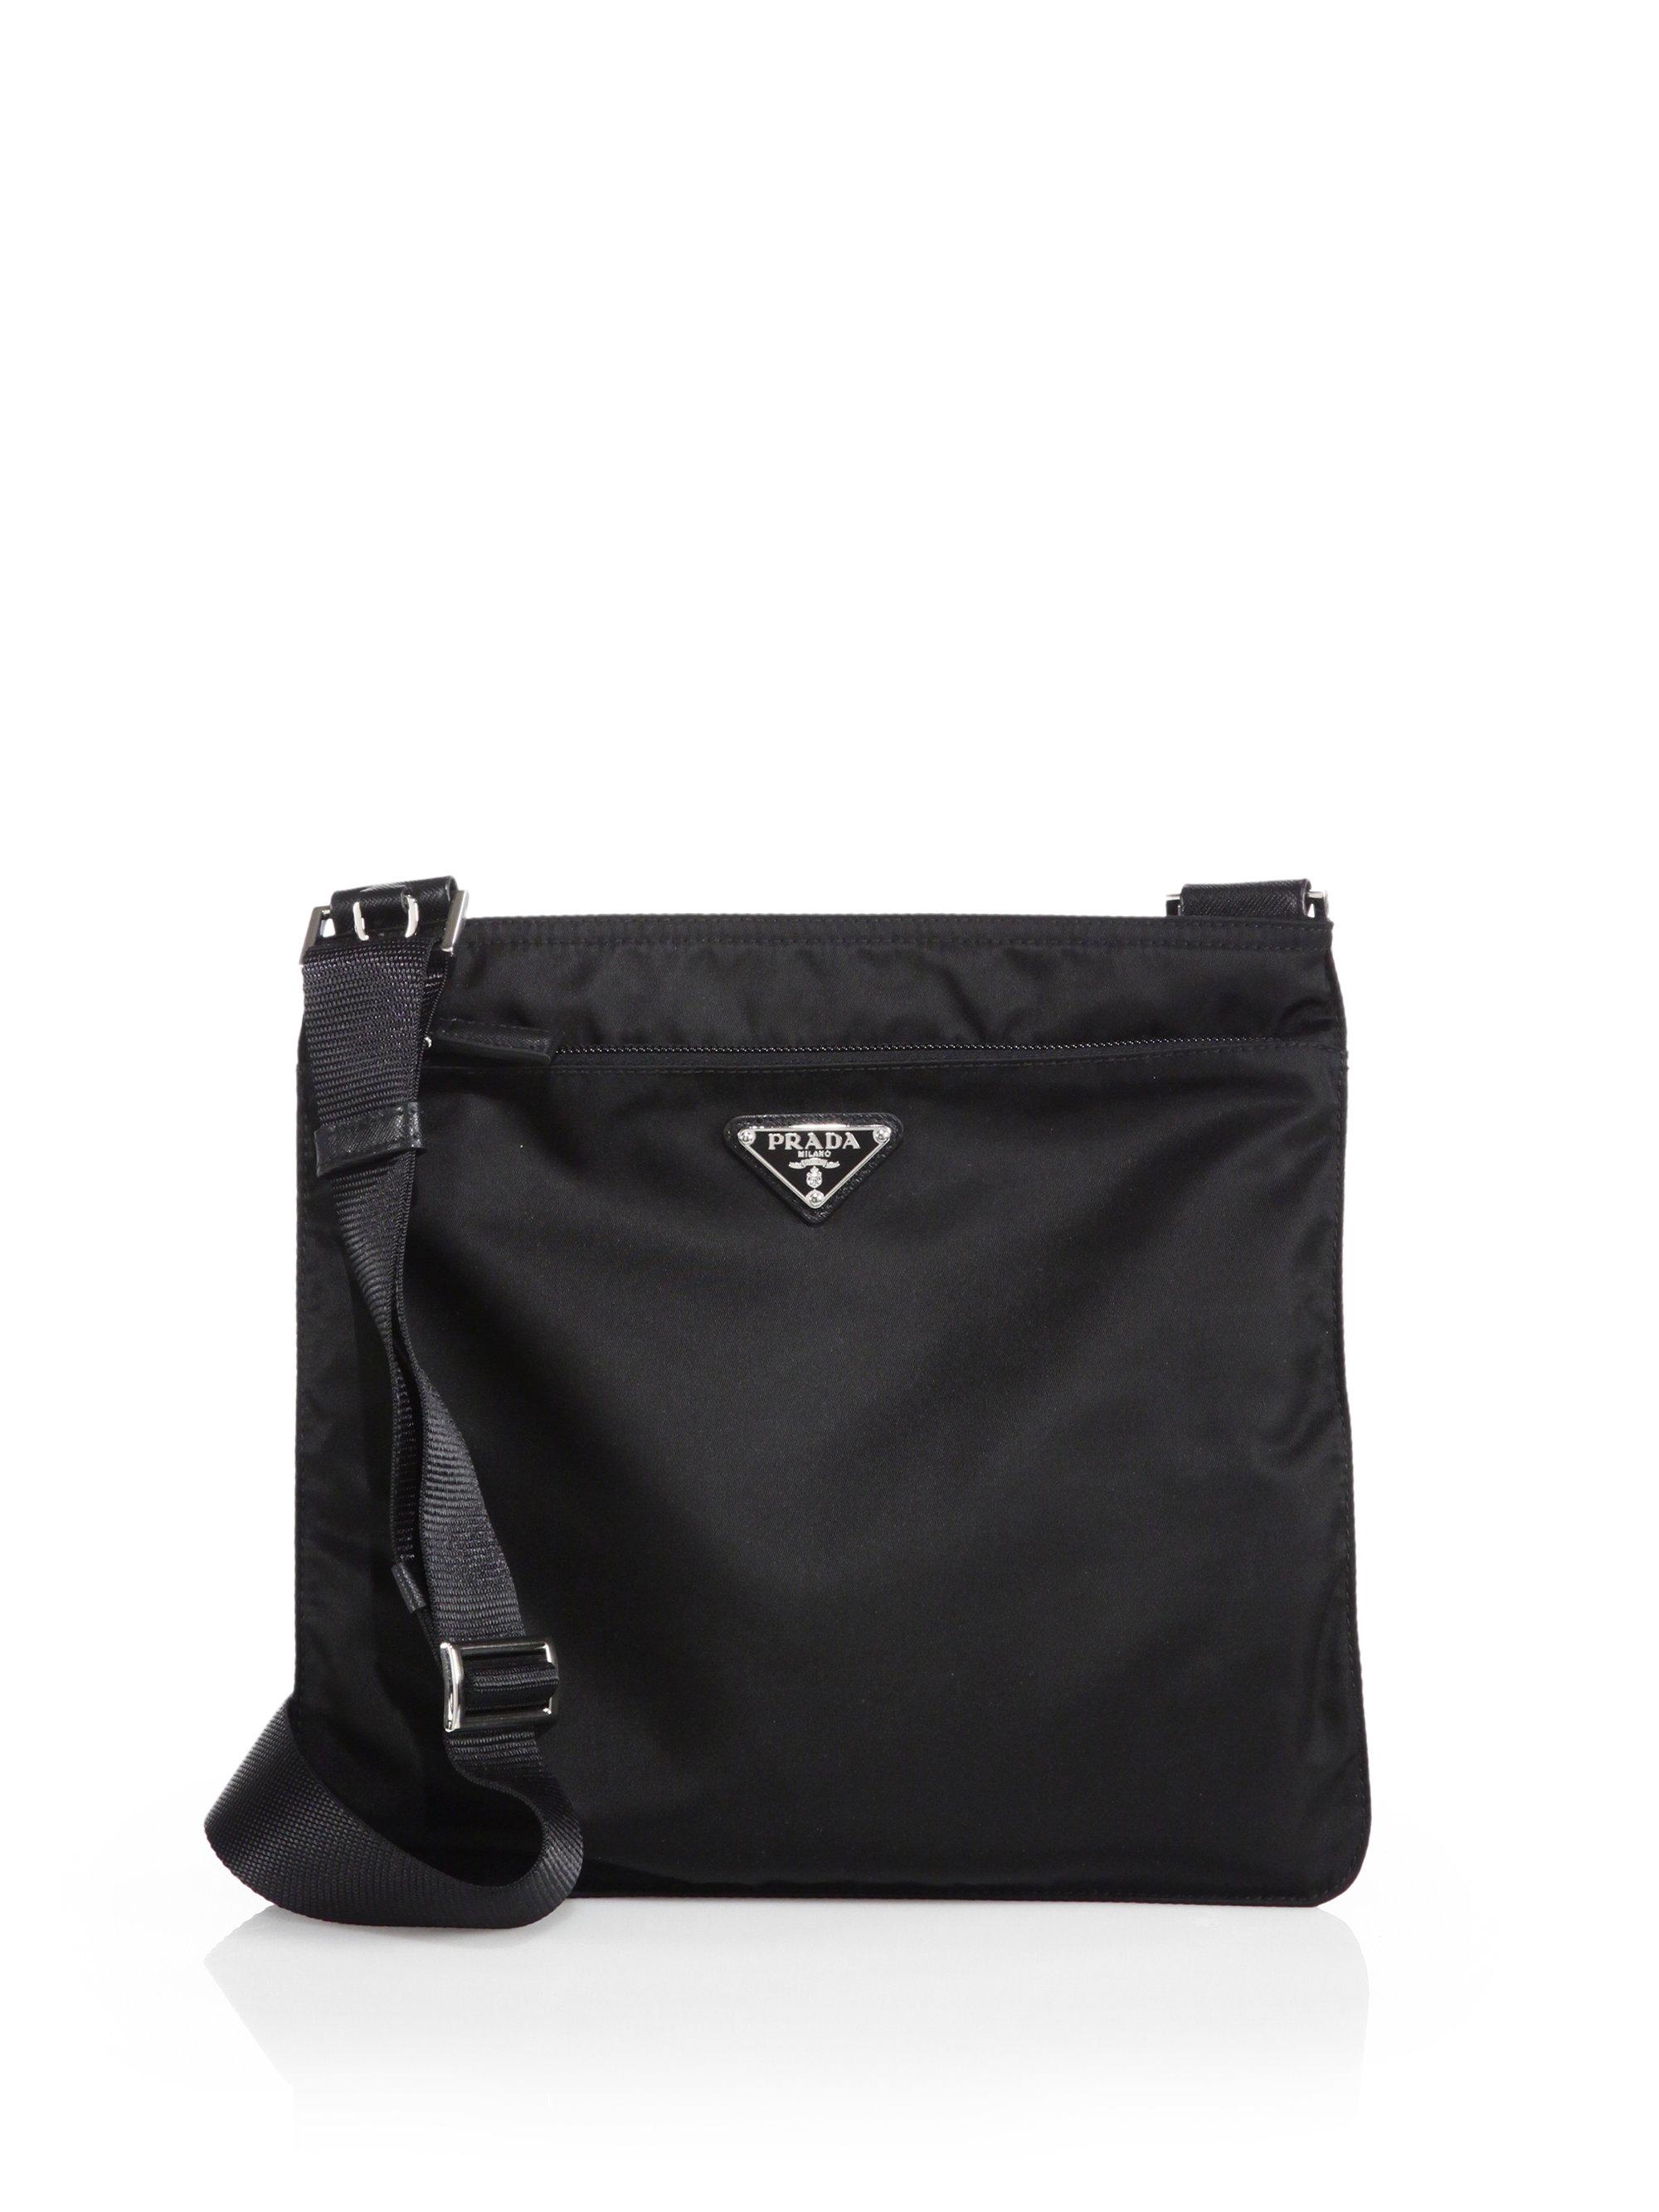 prada man bag sale - Prada Vela Crossbody Bag in Black (NERO-BLACK) | Lyst